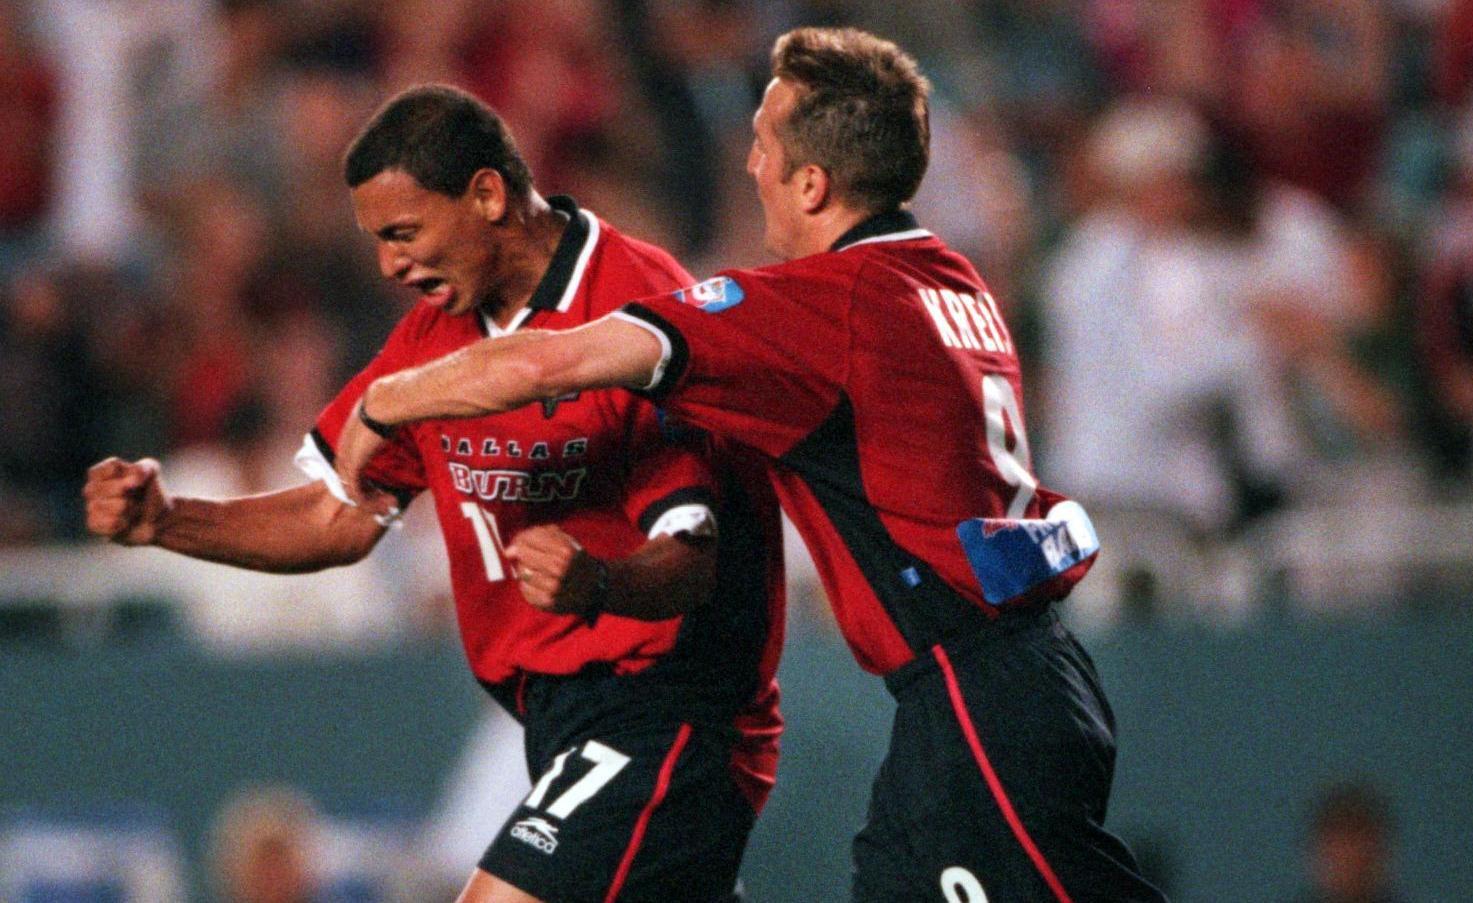 """Jorge Rodríguez (17) fue una de las figuras del Dallas Burn en sus primeros años en la MLS. """"Zarco"""" anotó el gol que le dio el primer título a la franquicia hace exactamente 20 años. (ARCHIVO DMN/DMN)"""